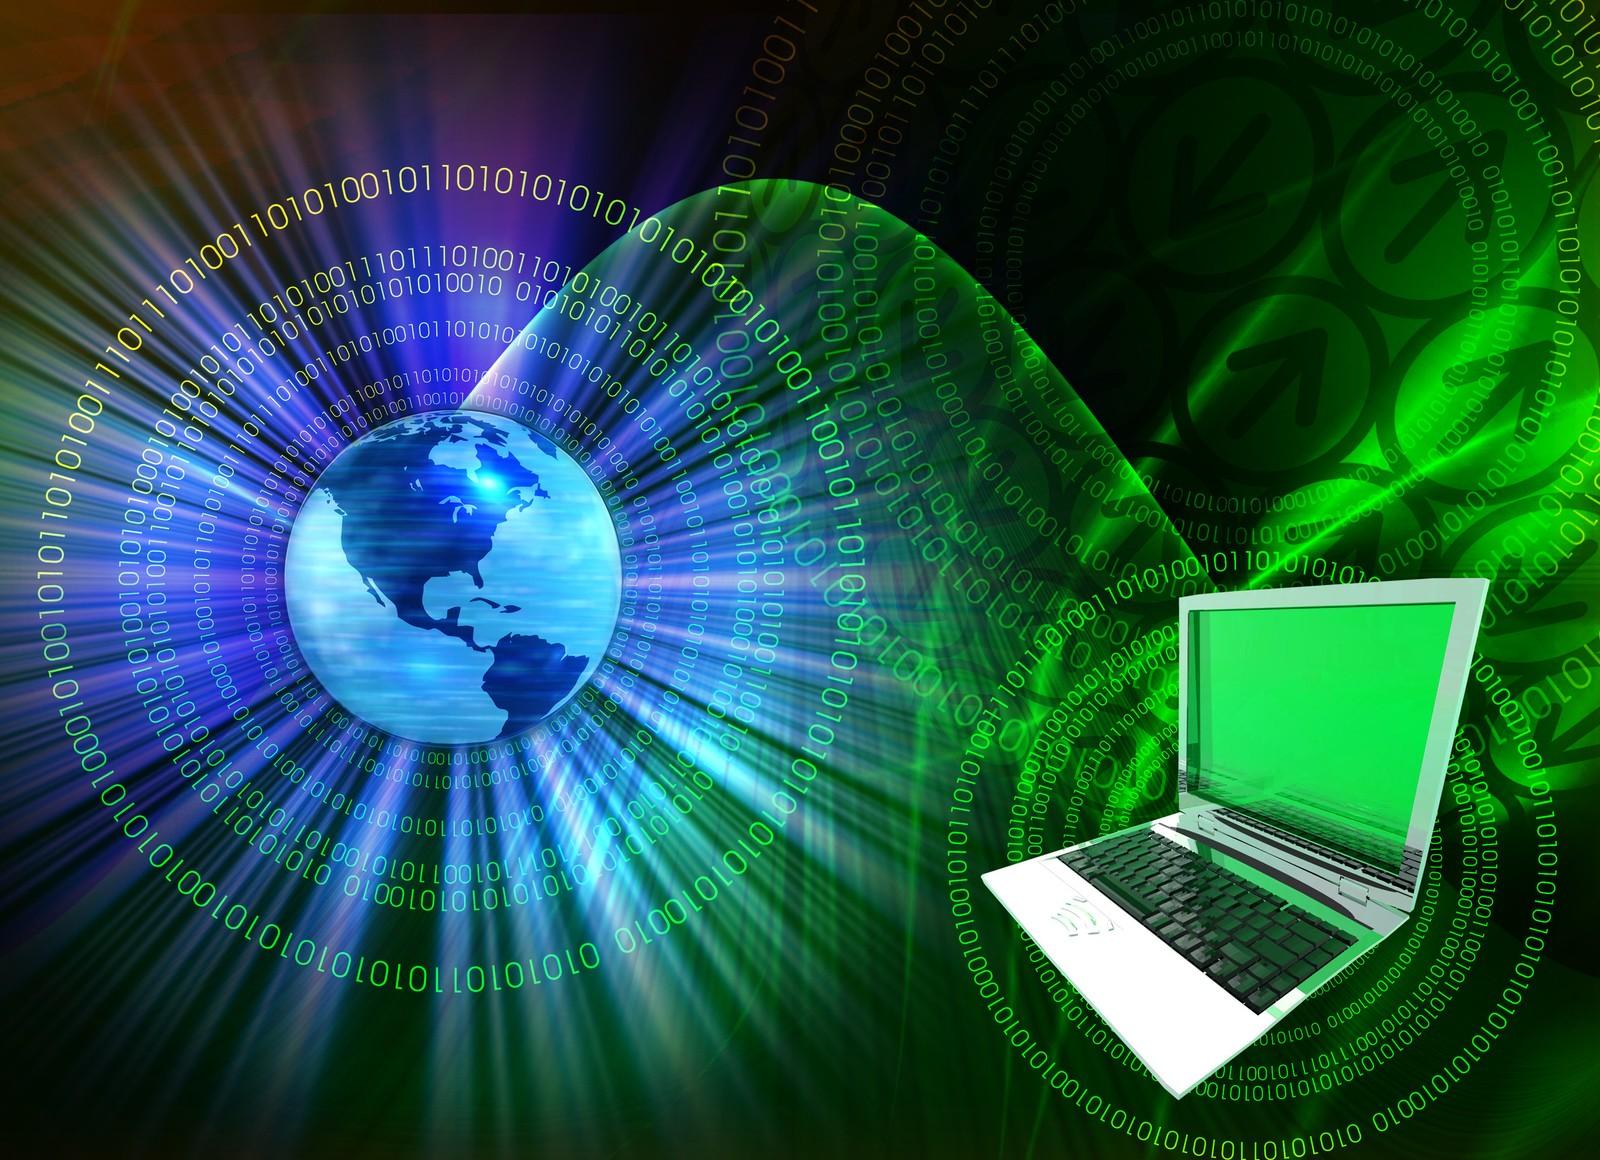 Pro Alpha informiert über Vorteile und Stolperfallen beim Aufbau multinationaler ERP-Architekturen.